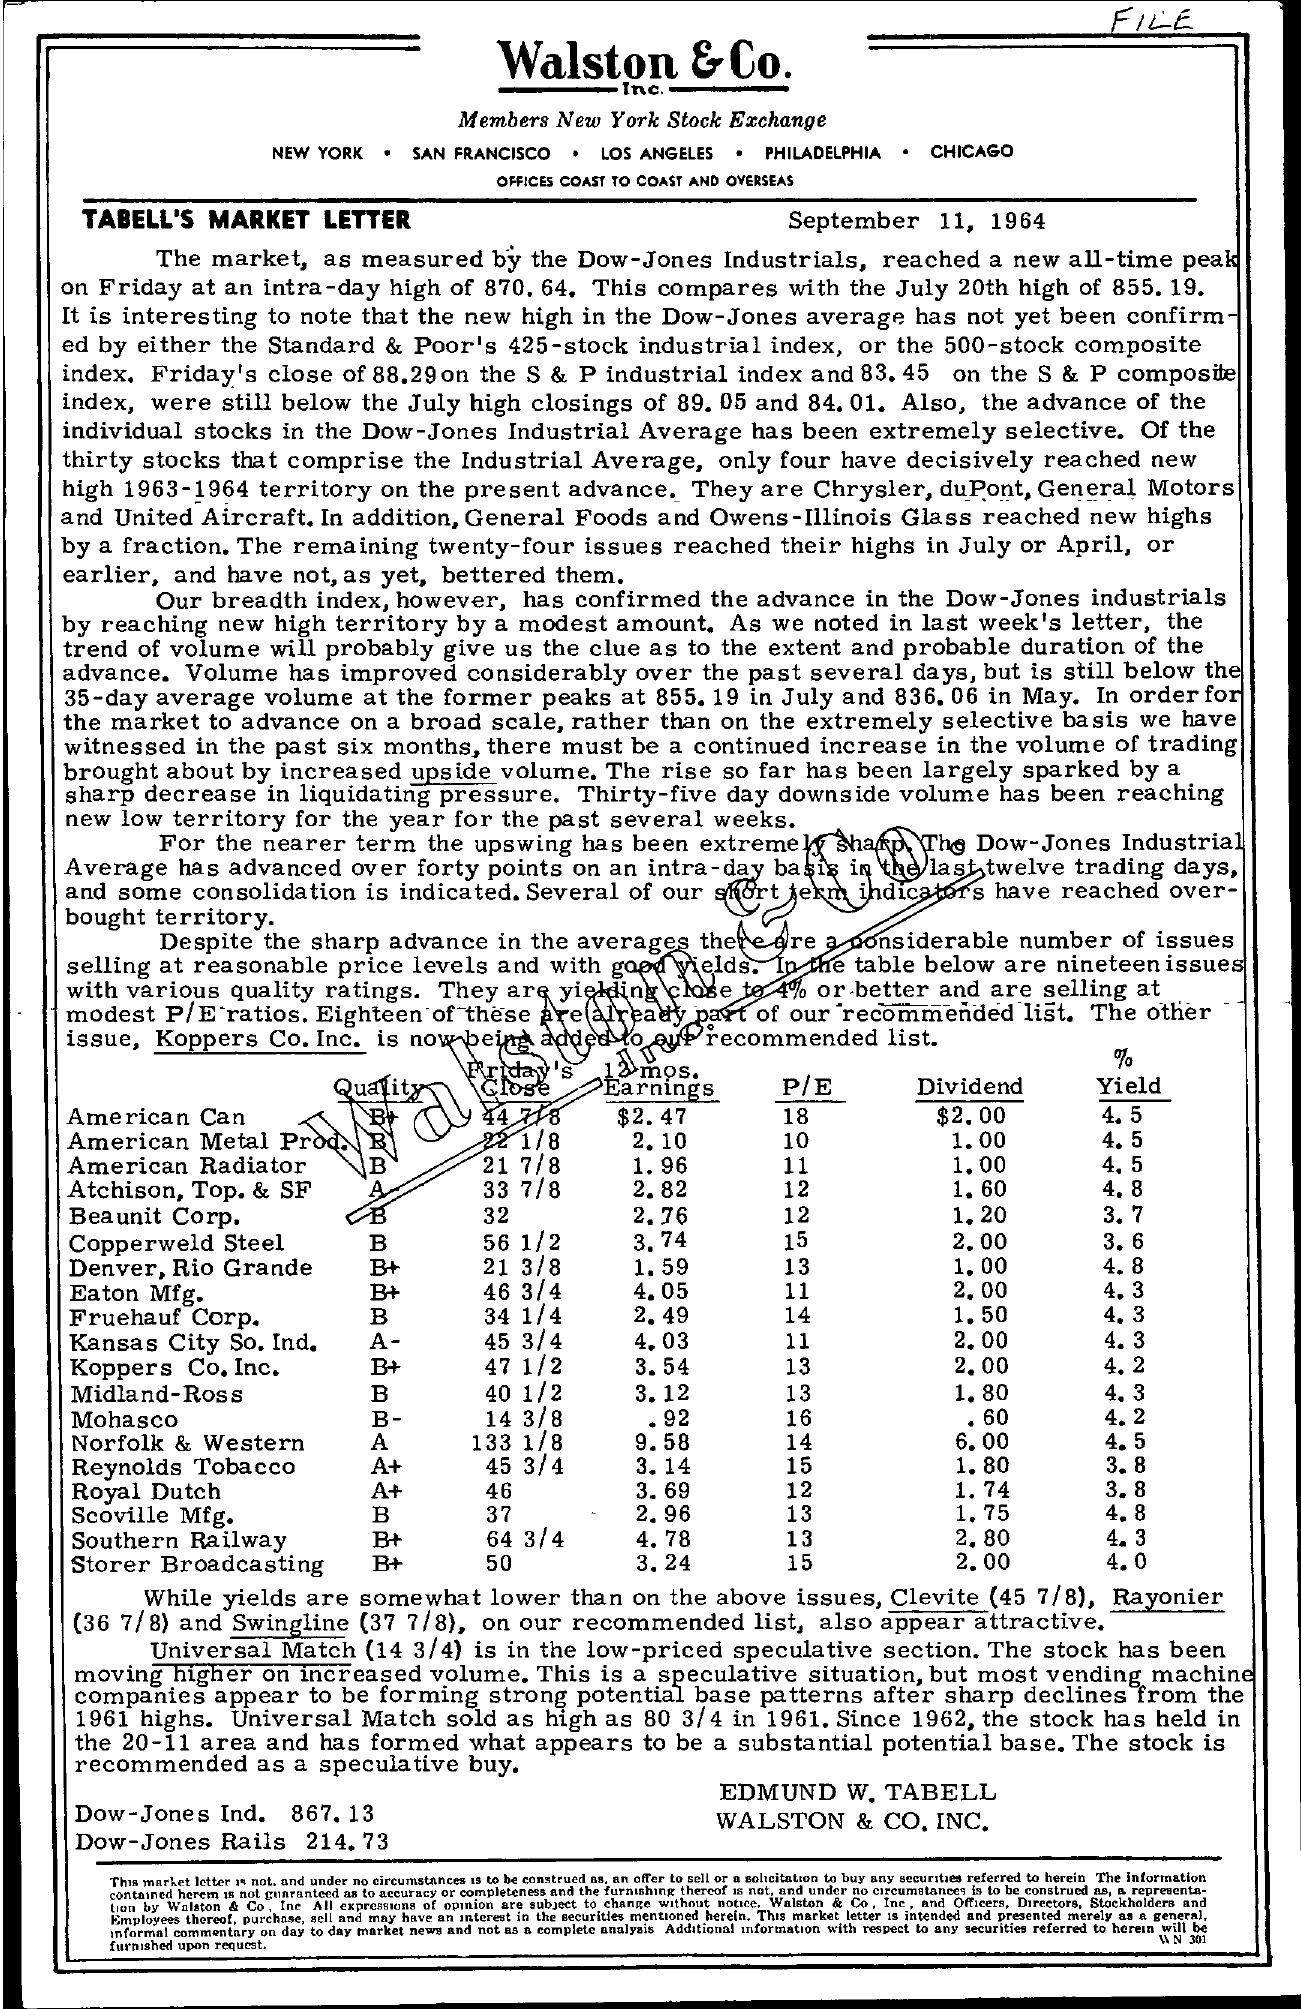 Tabell's Market Letter - September 11, 1964